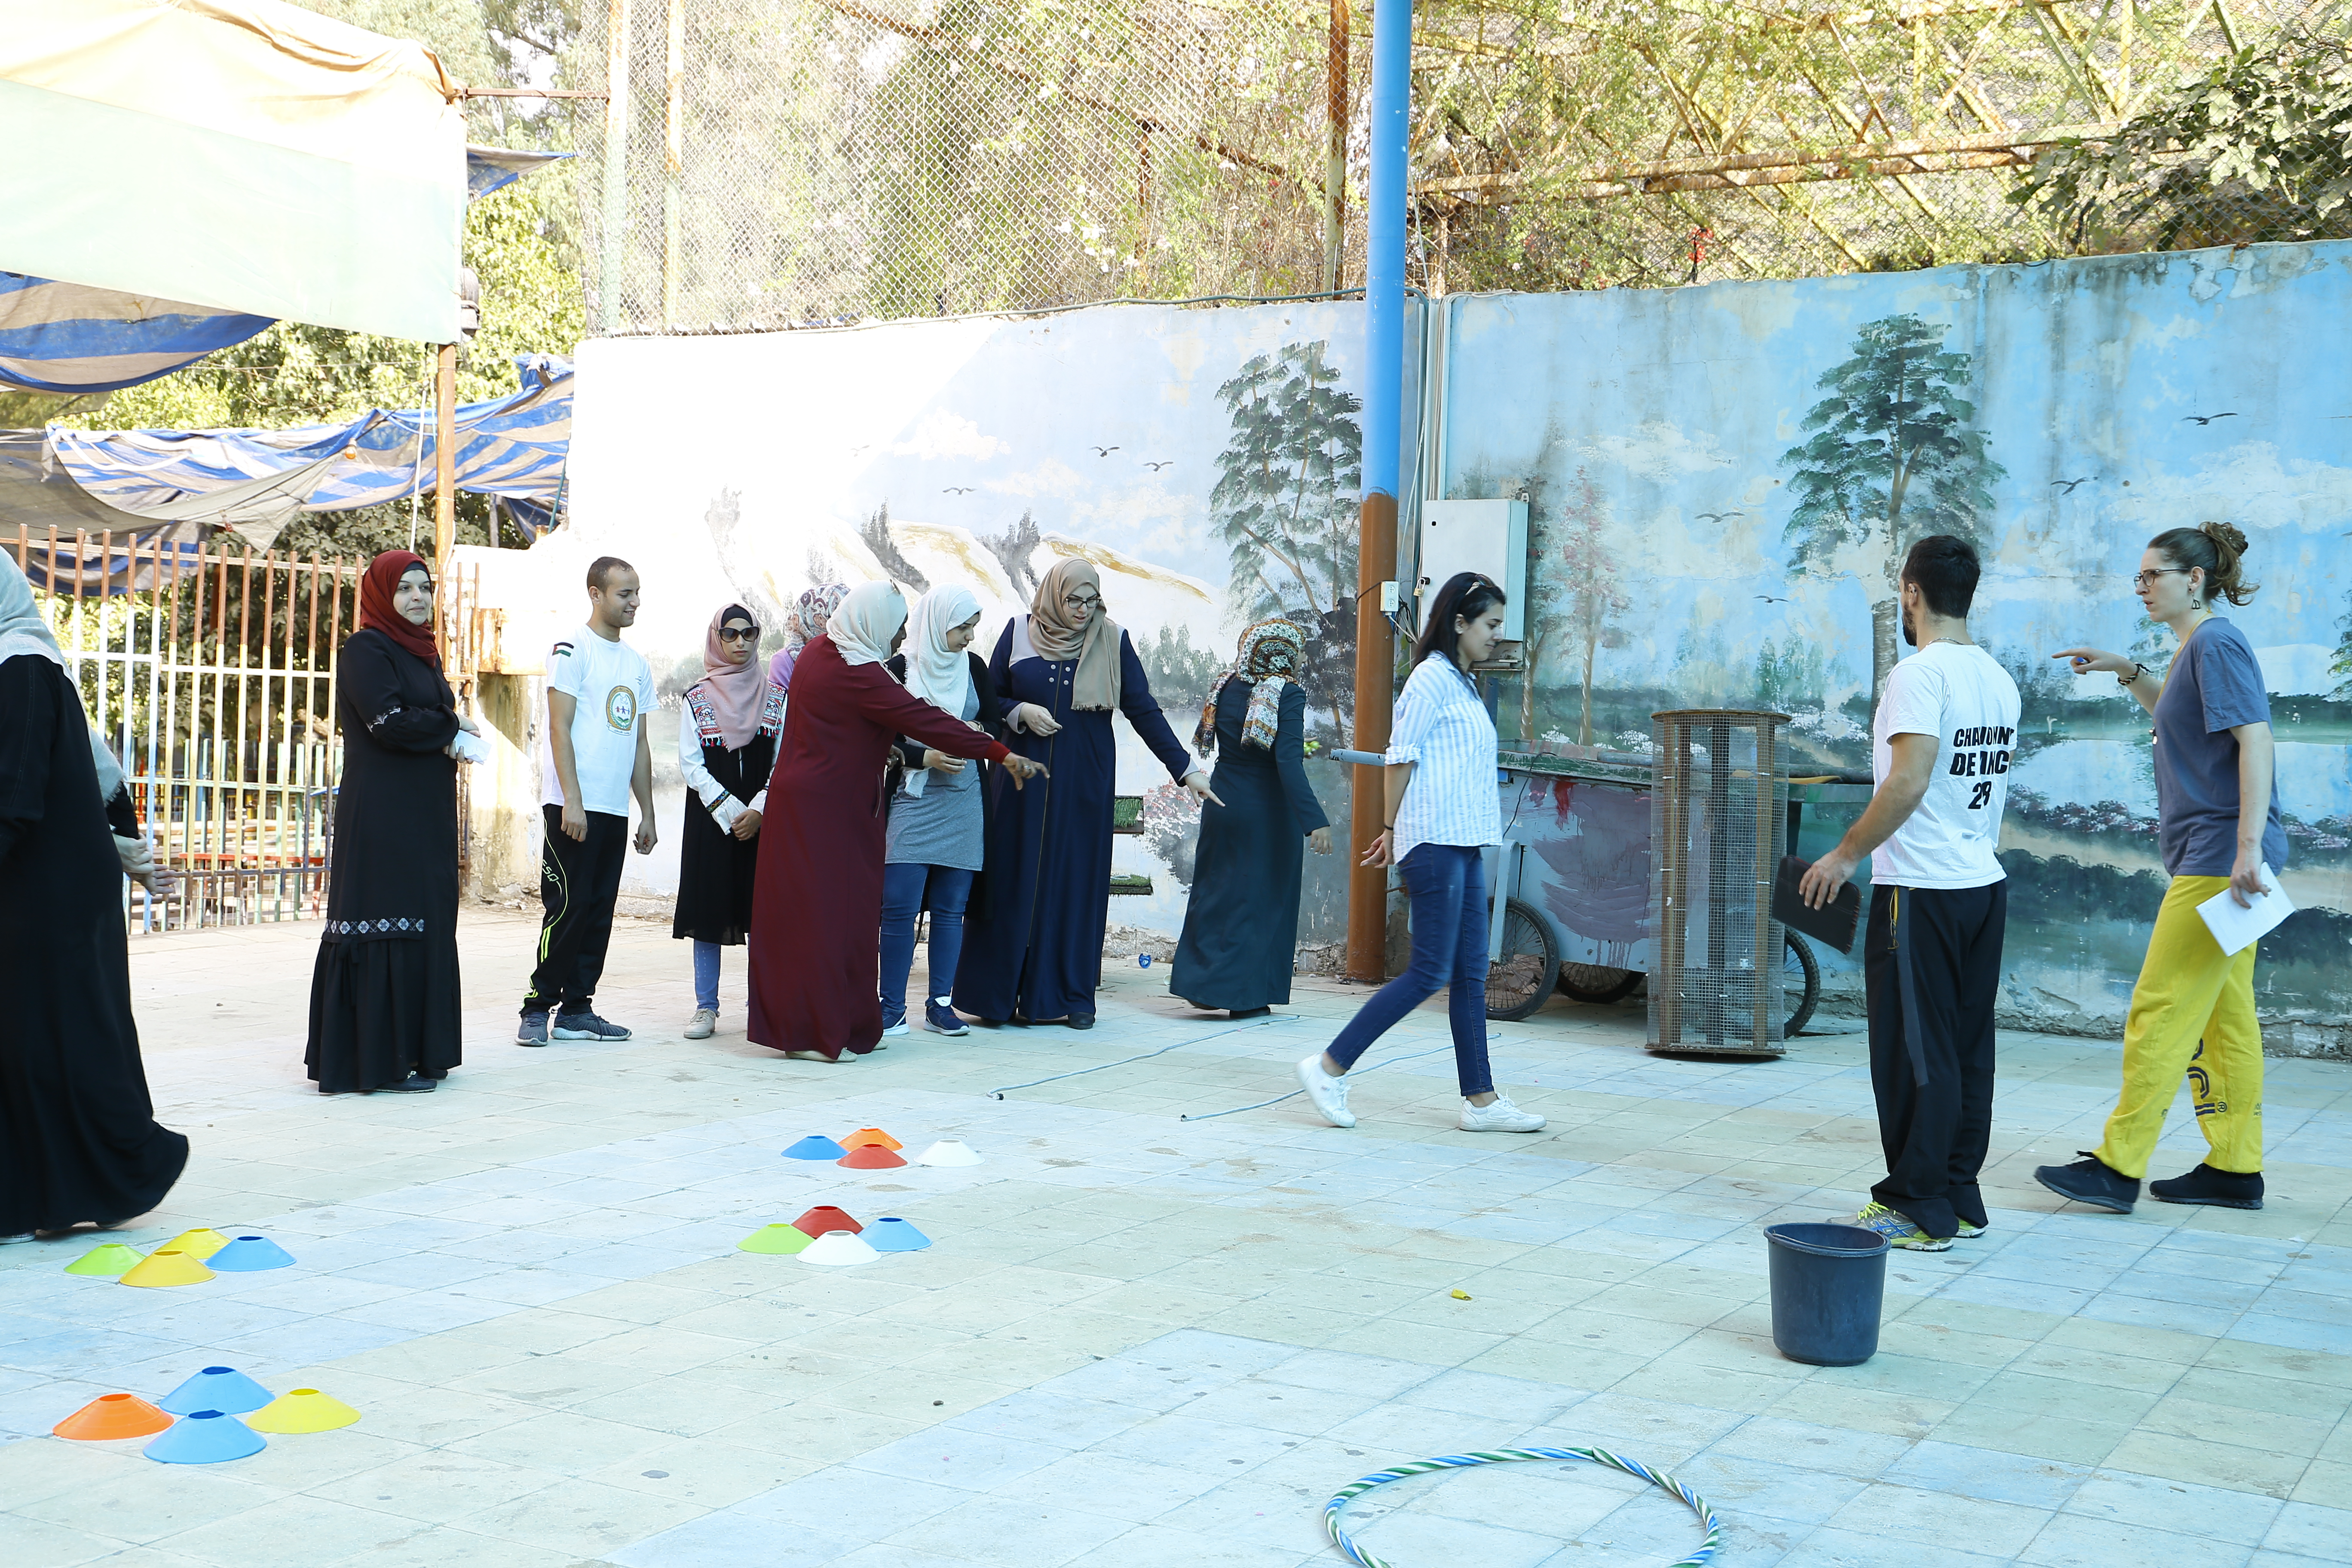 اختتام فعاليات الدورة التدريبية ضمن مشروع تطوير الرياضة للجميع